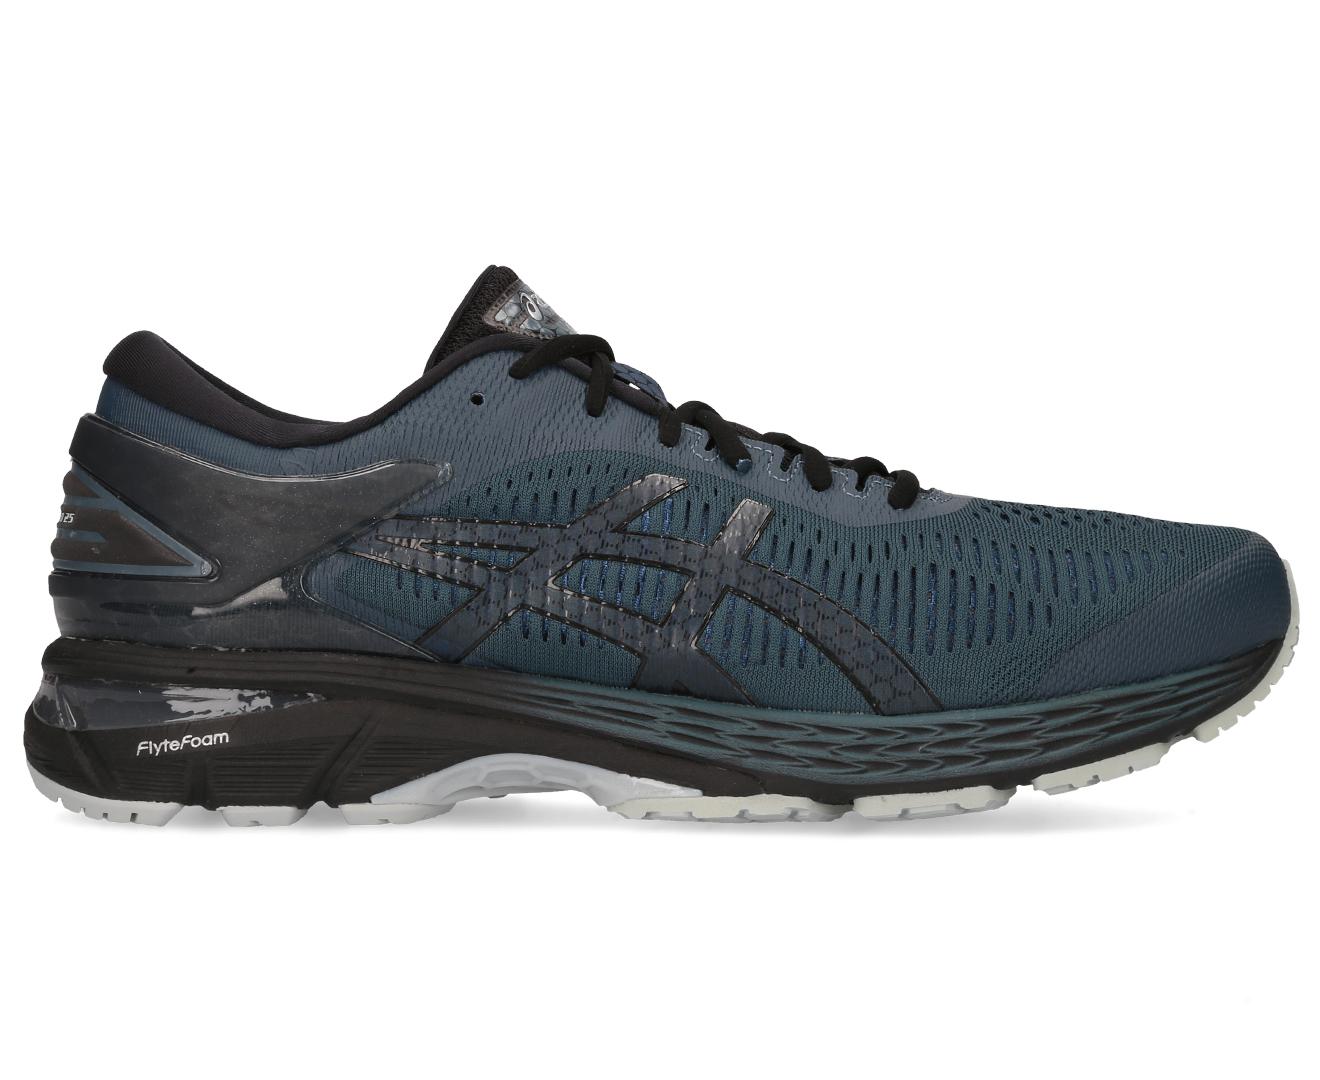 ASICS Men's GEL Kayano 25 Shoe IroncladBlack